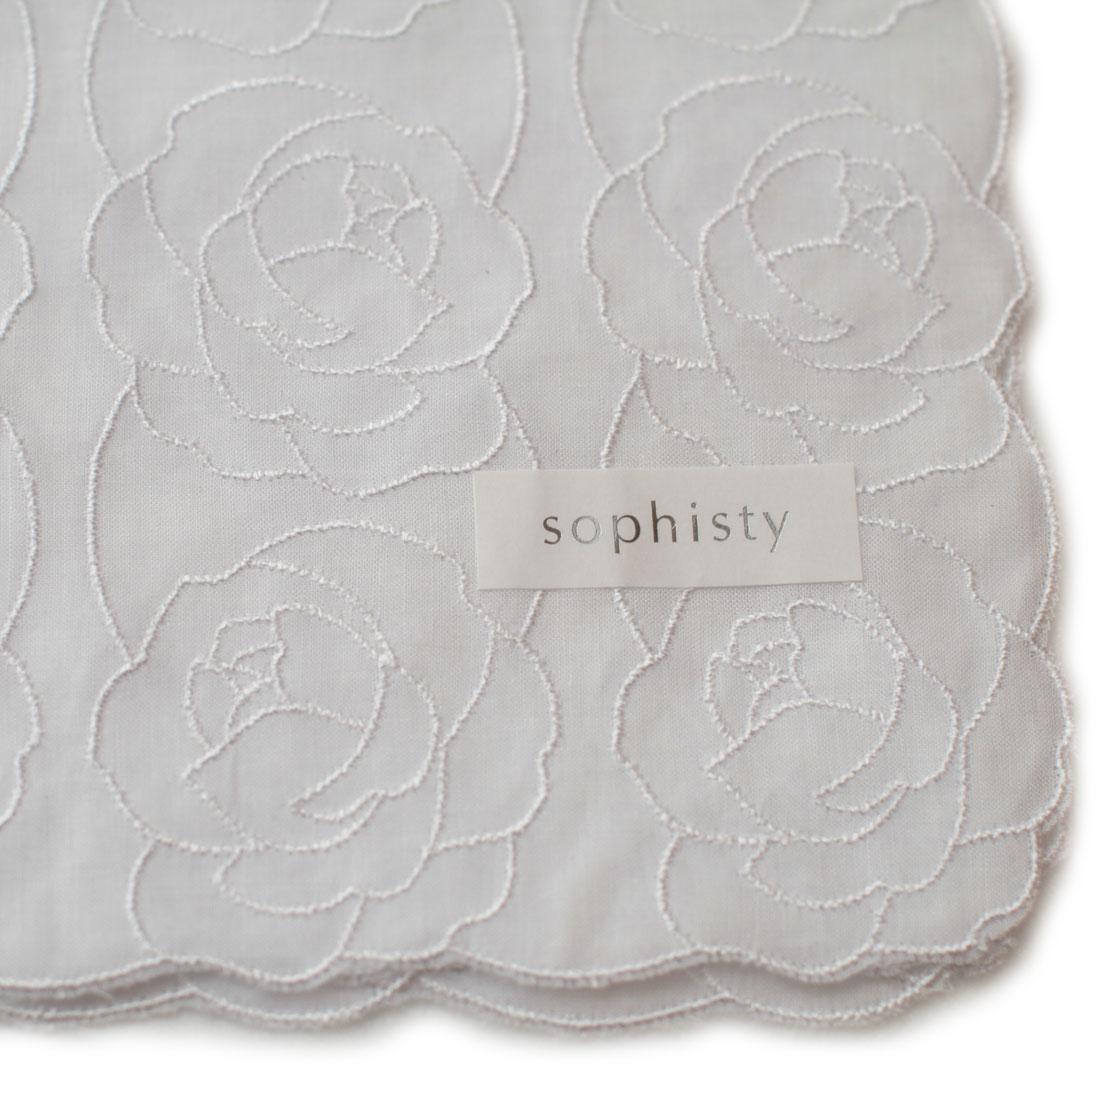 ソフィスティ 刺繍入りハンカチ 0201 ホワイト